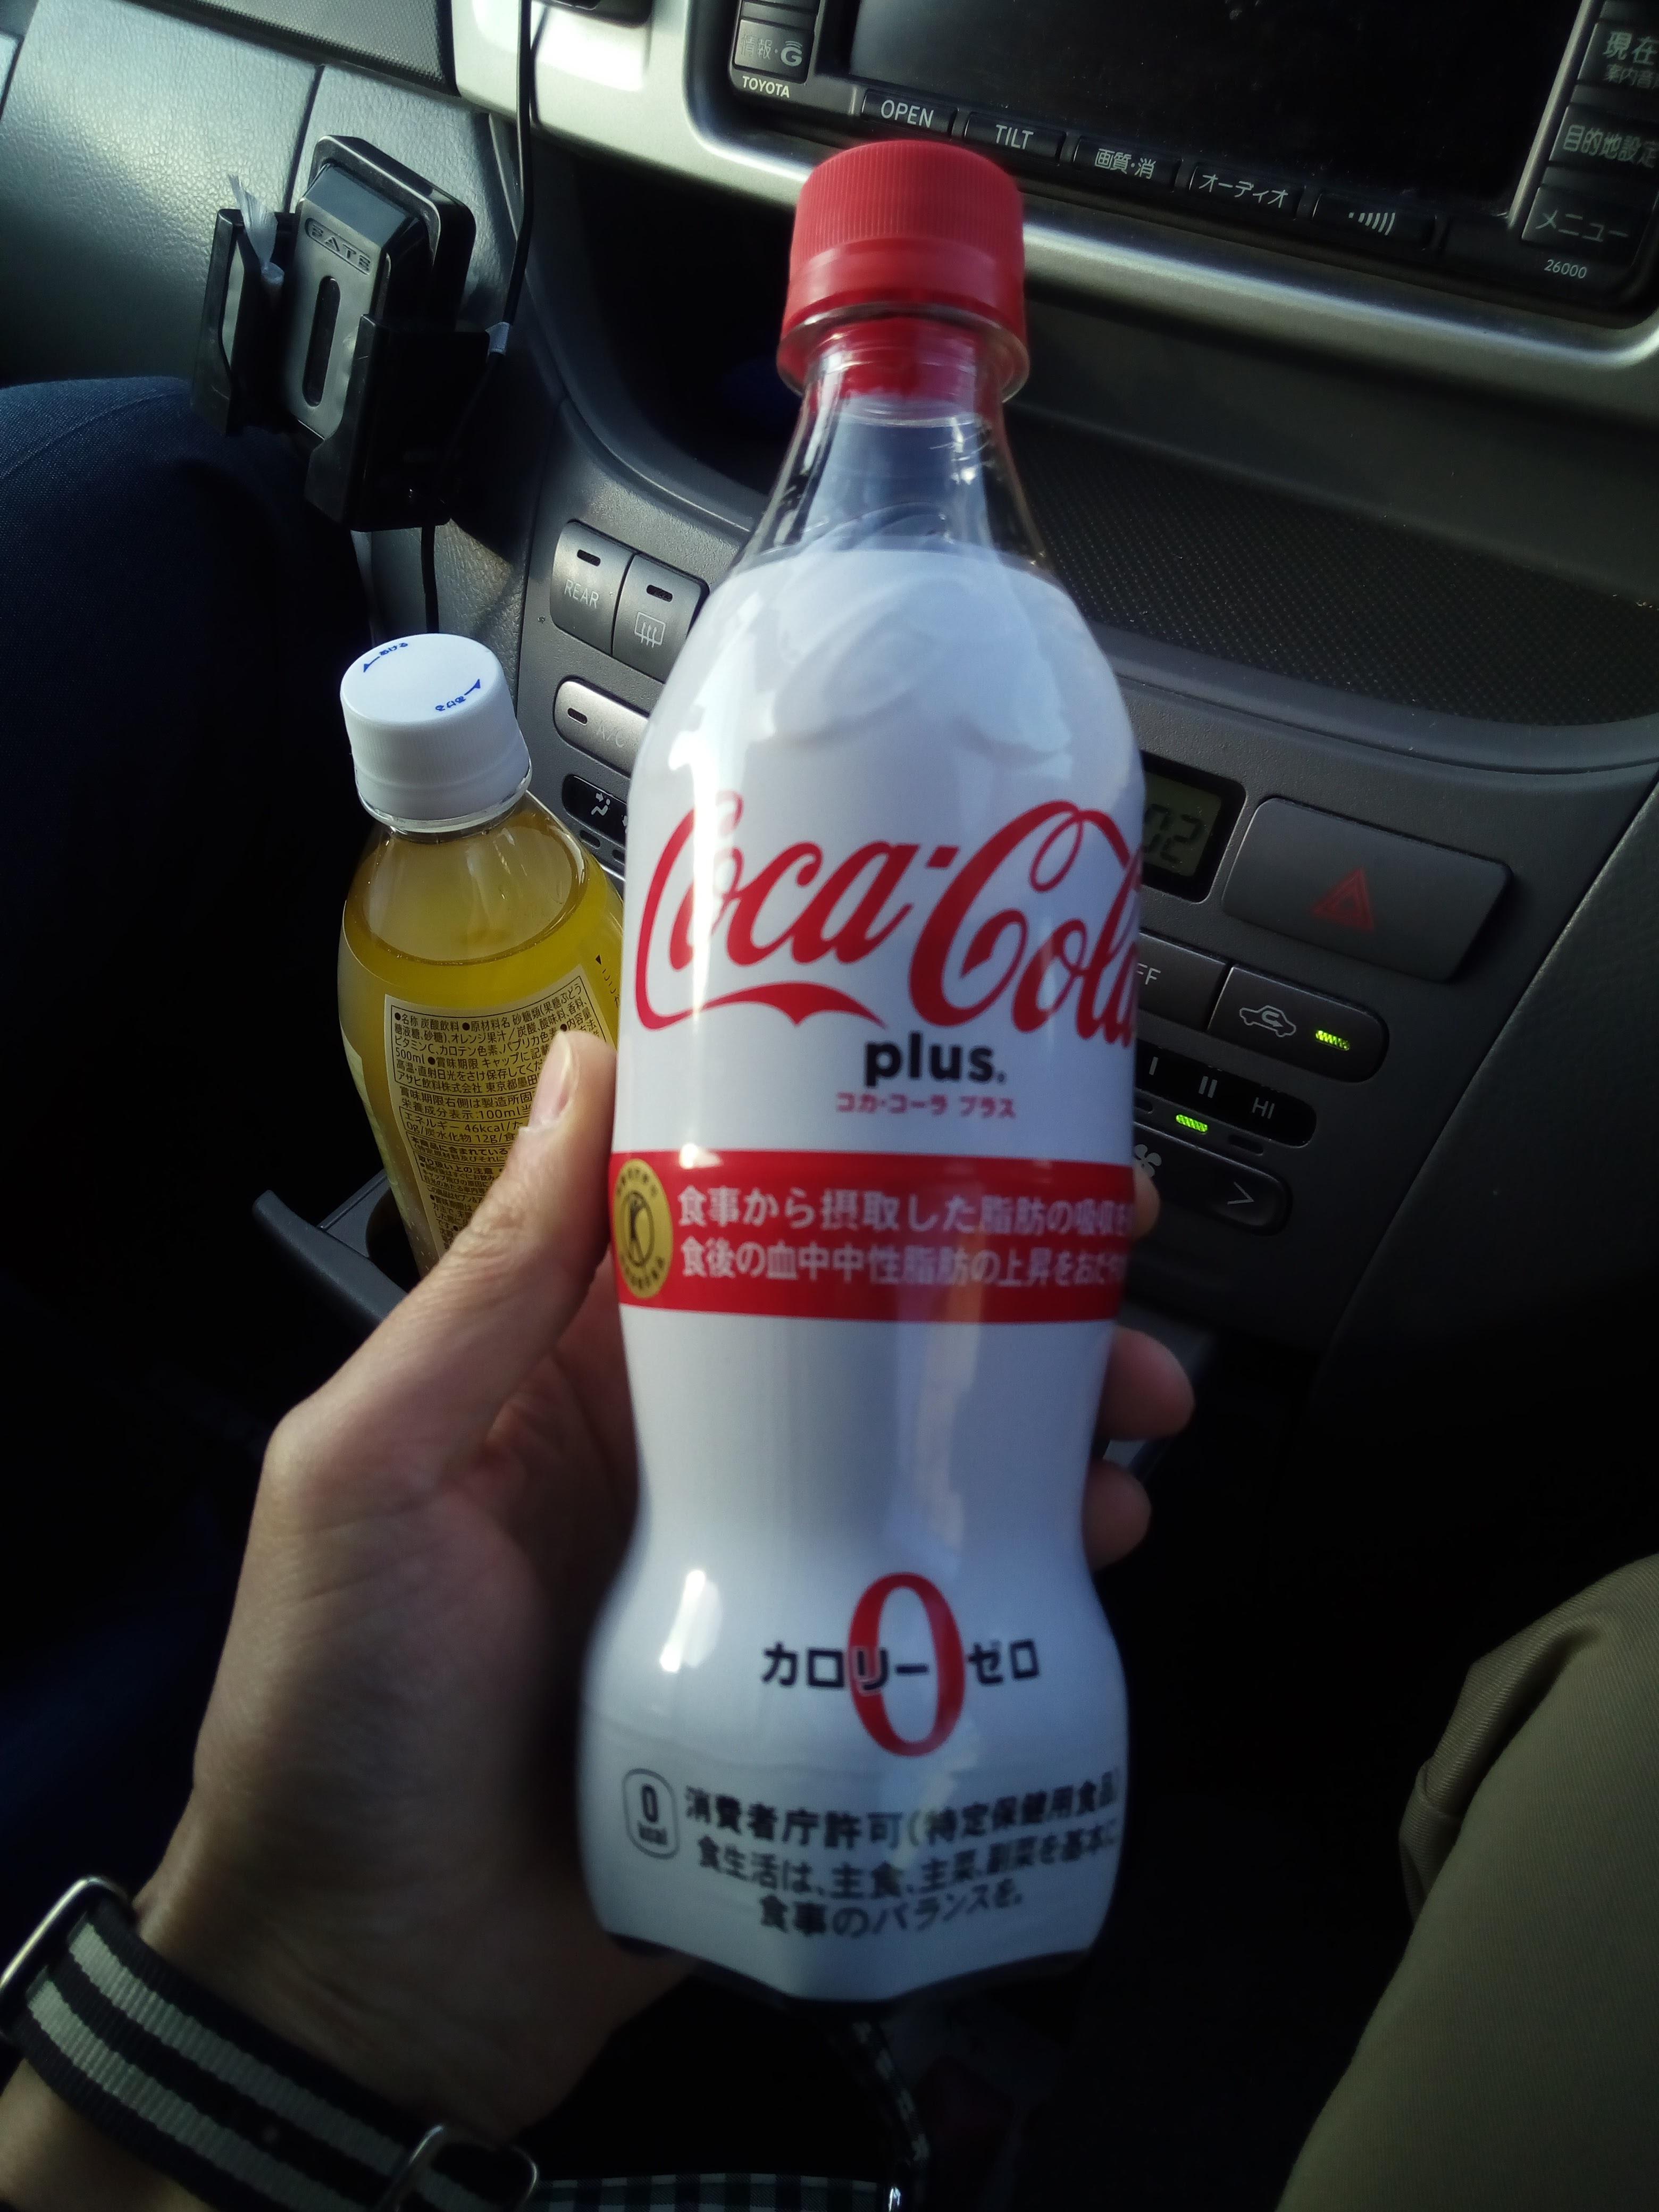 トクホのコーラが美味しかったので箱買いしてみよう コカ・コーラ プラス